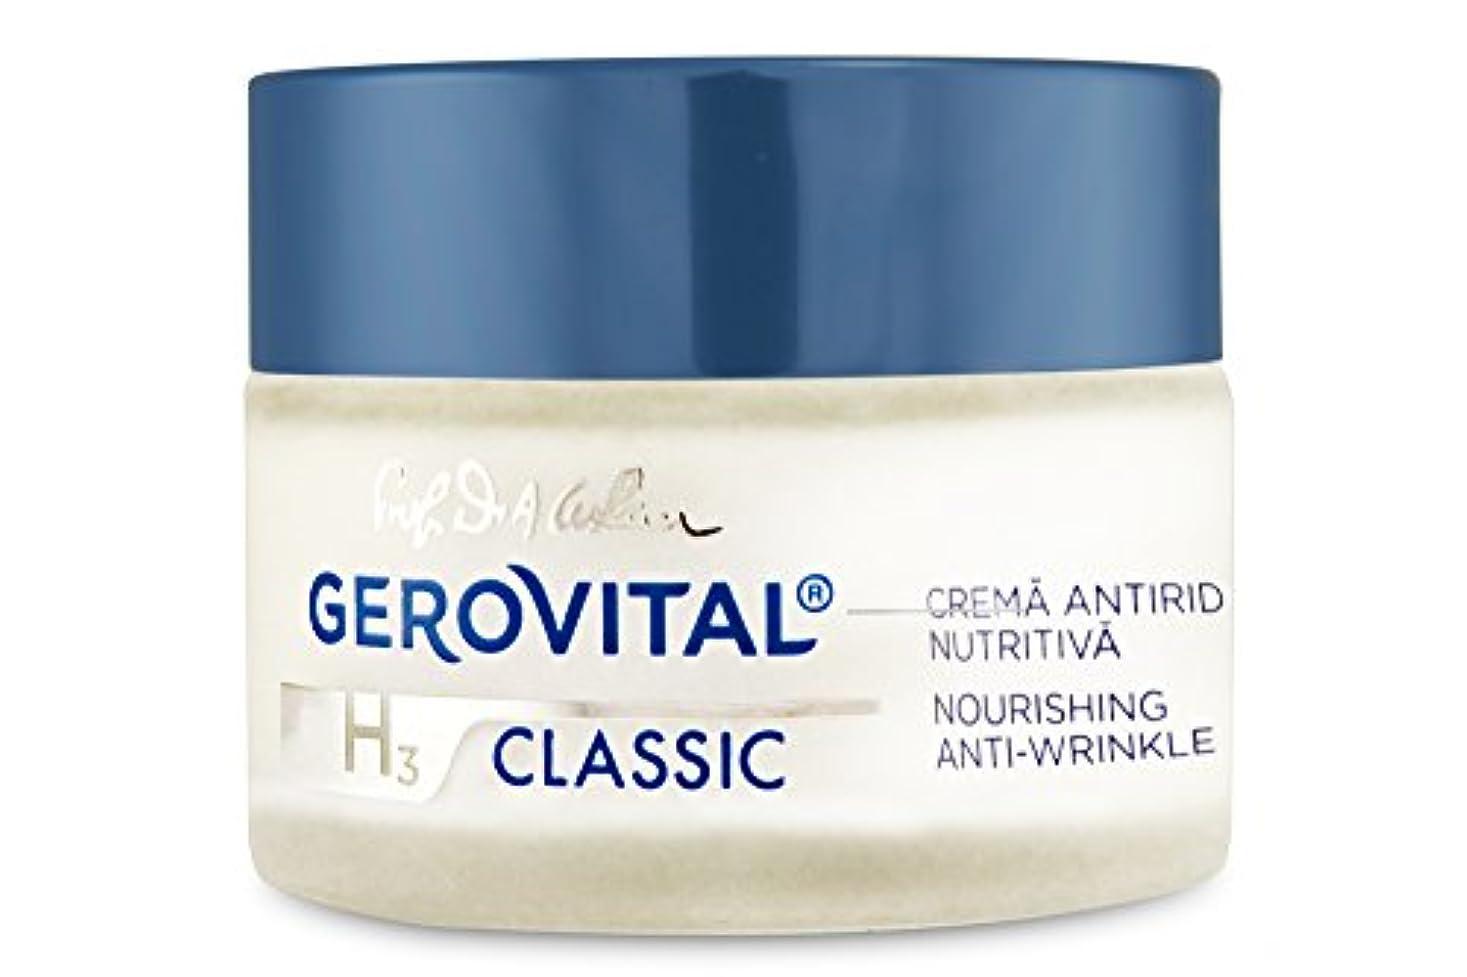 課す通常考えるジェロビタール H3 クラシック アンチリンクル ナリシングクリーム 50 ml / 1.69 fl.oz. [海外直送] [並行輸入品]